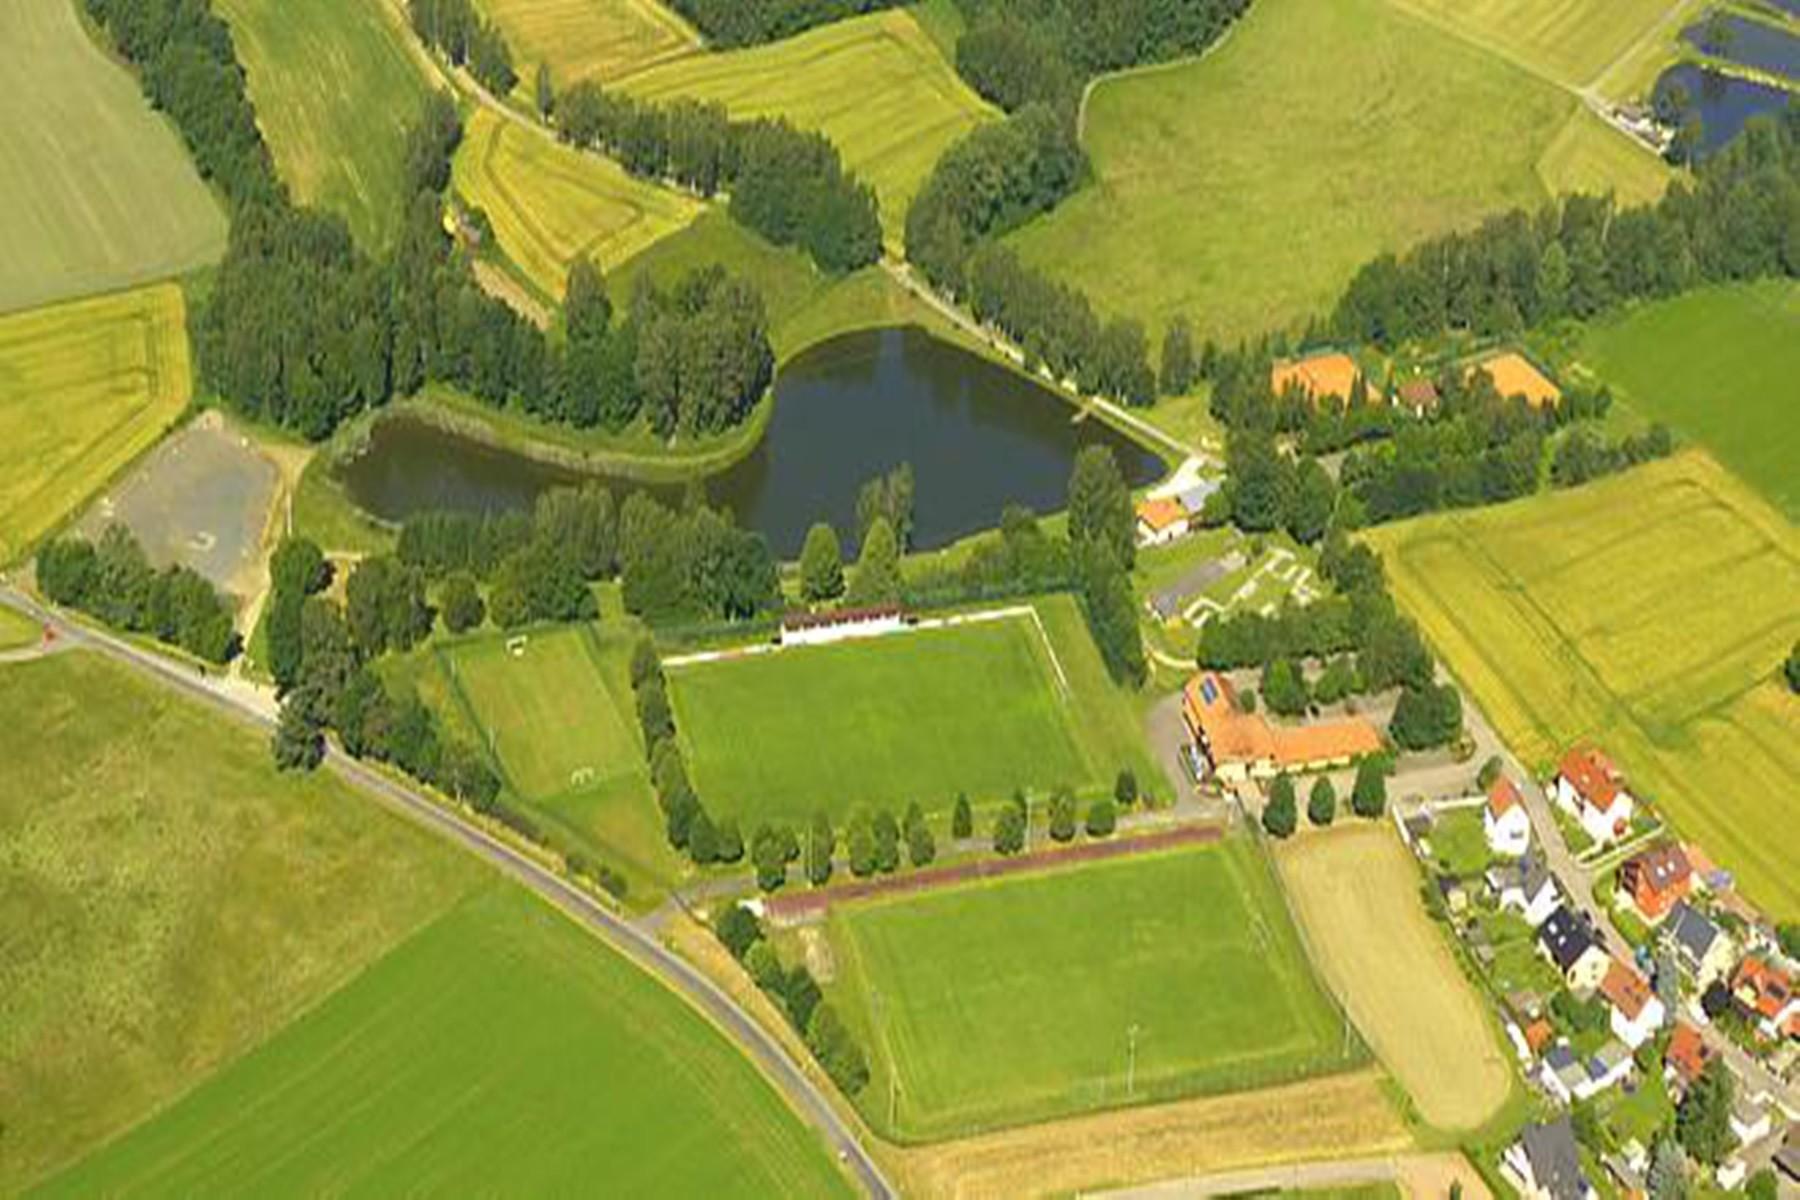 Umgebung-Luftbild See, Fußball- und Tennisplätze